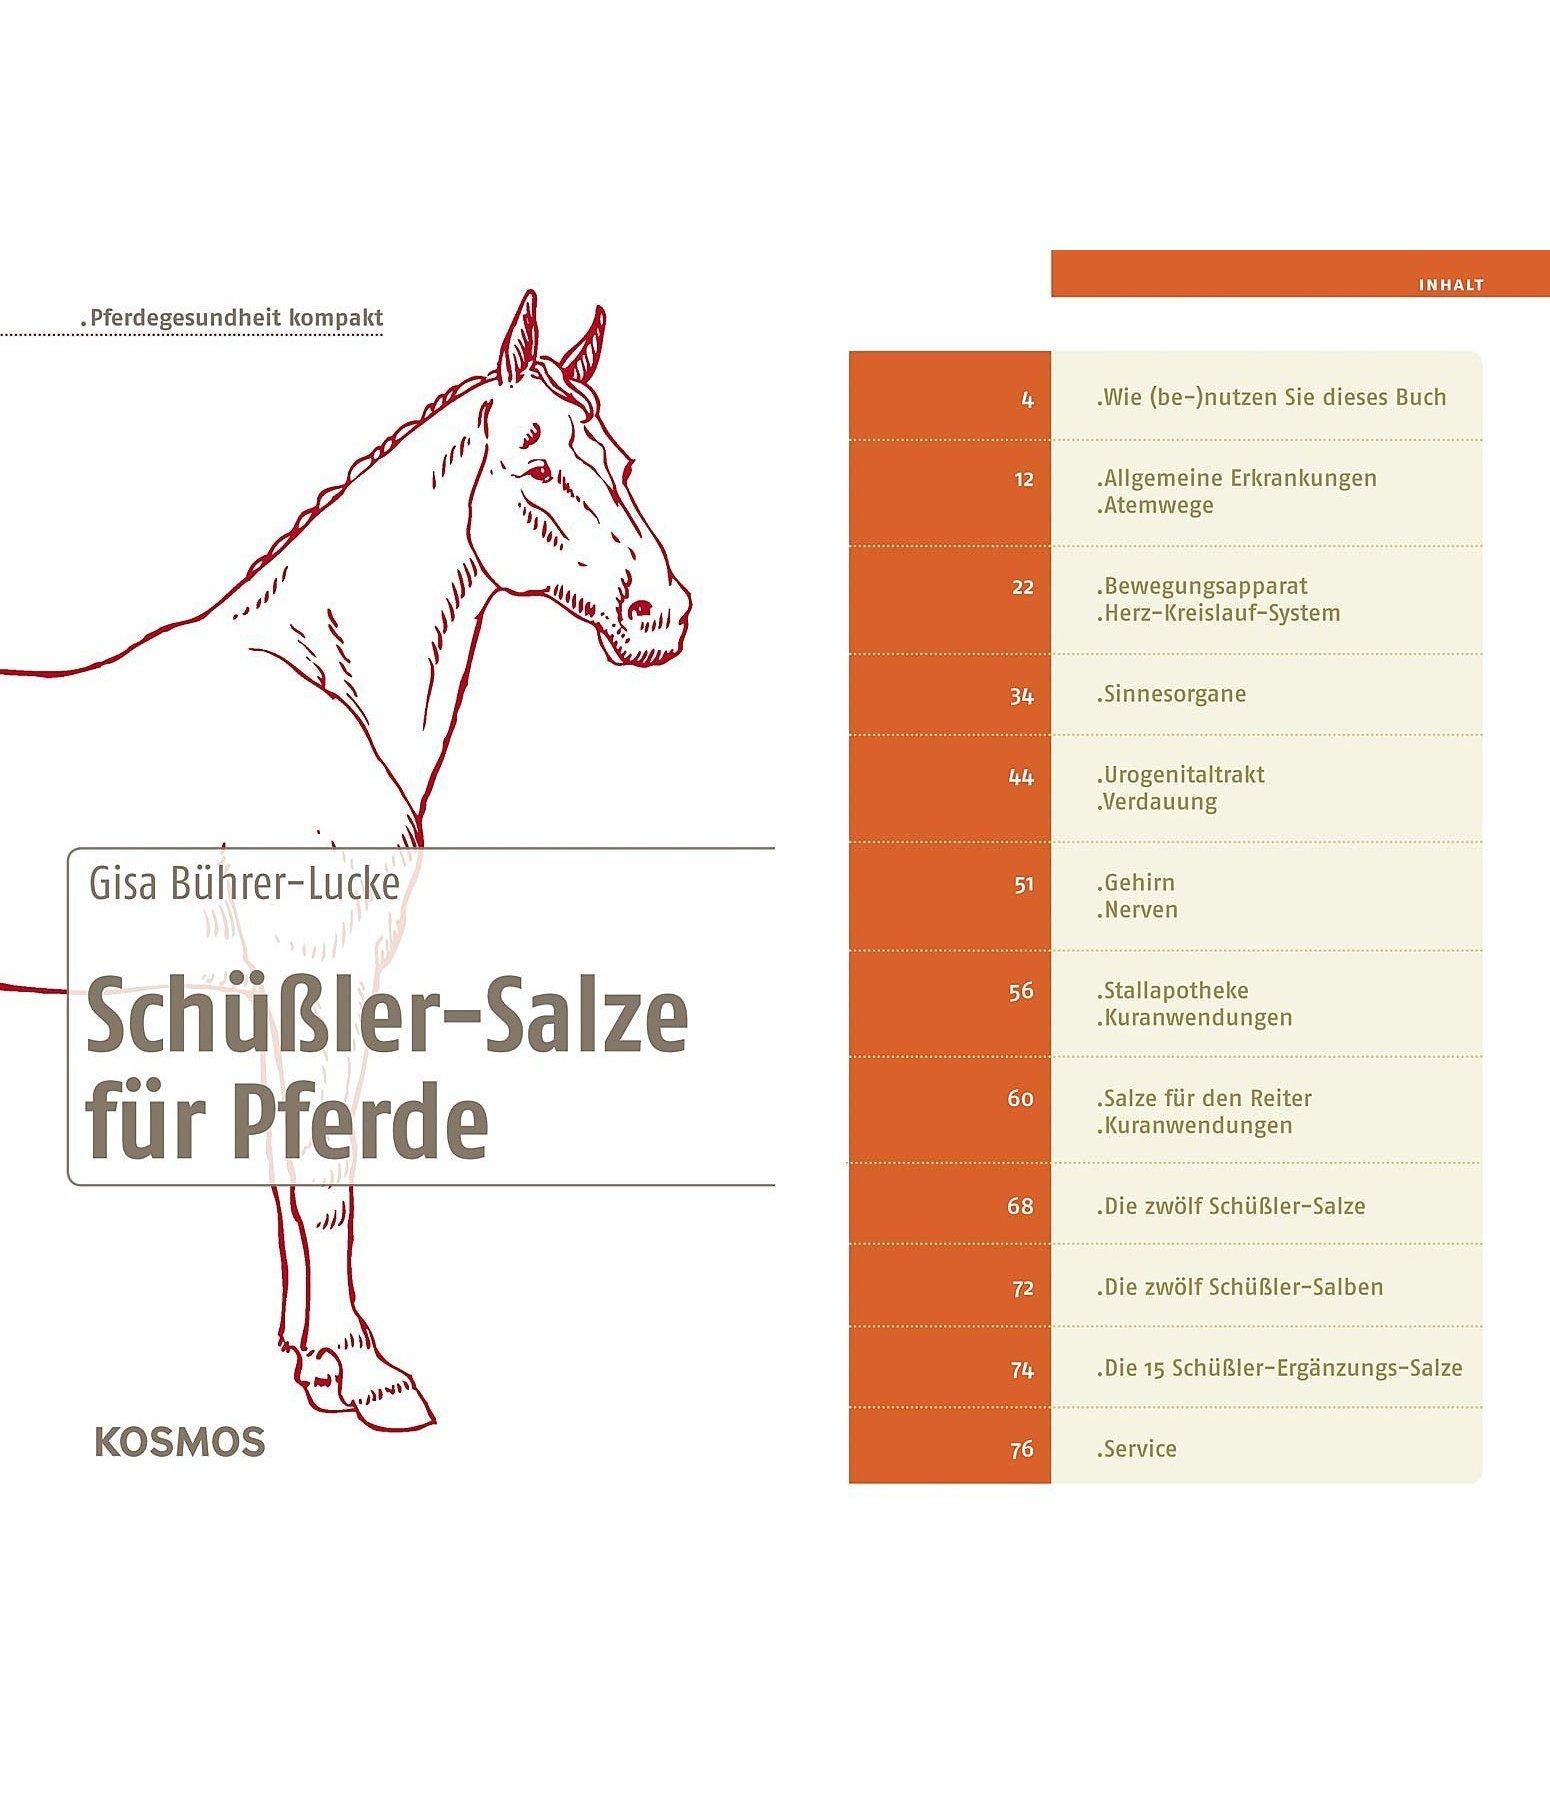 sch ler salze f r pferde gesundheit kr mer pferdesport. Black Bedroom Furniture Sets. Home Design Ideas